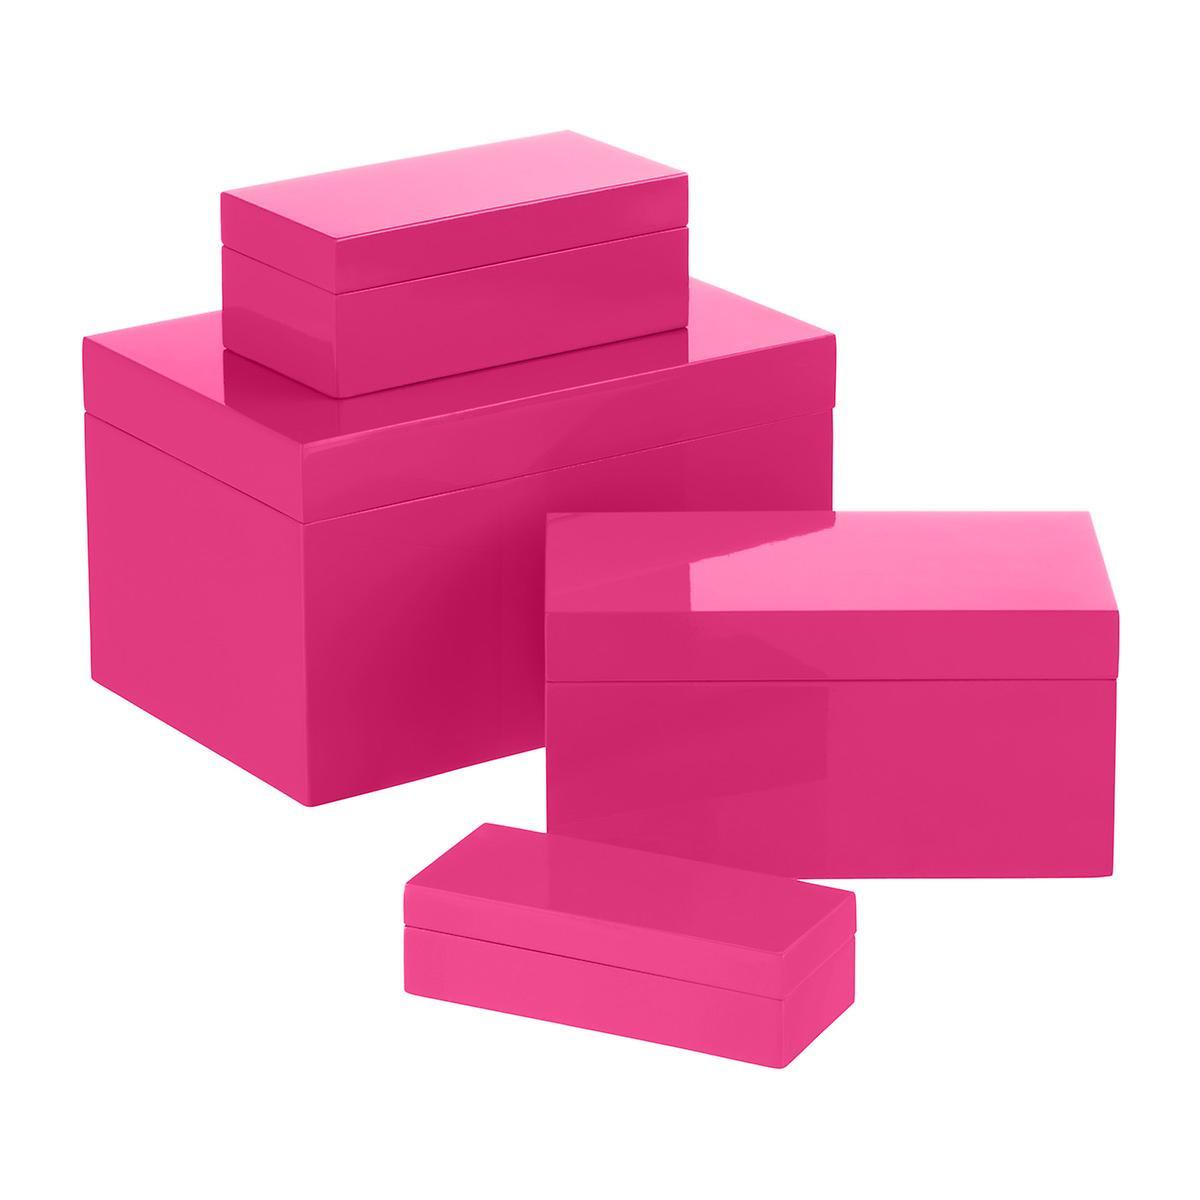 Box clipart storage box. Fuchsia lacquered boxes the